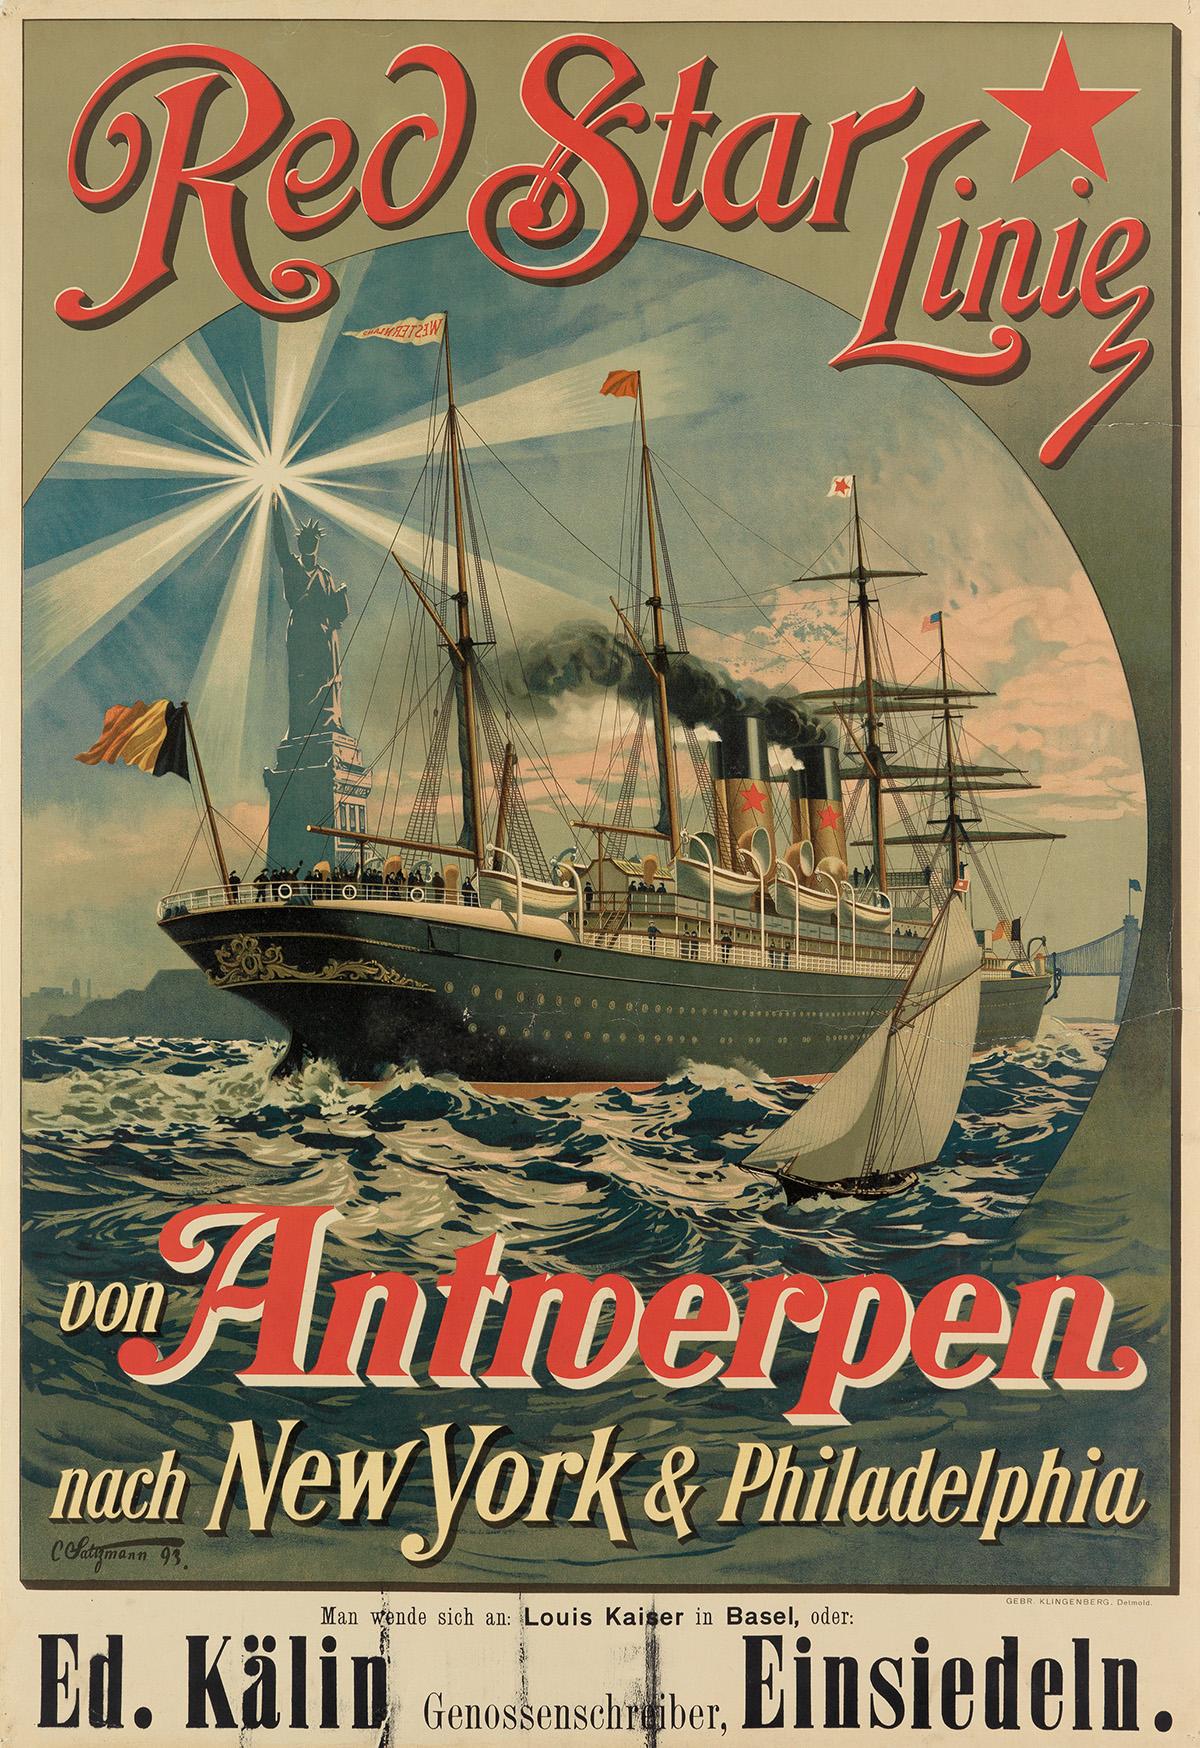 CARL-SALTZMANN-(1847-1923)-RED-STAR-LINE--VON-ANTWERPEN-NACH